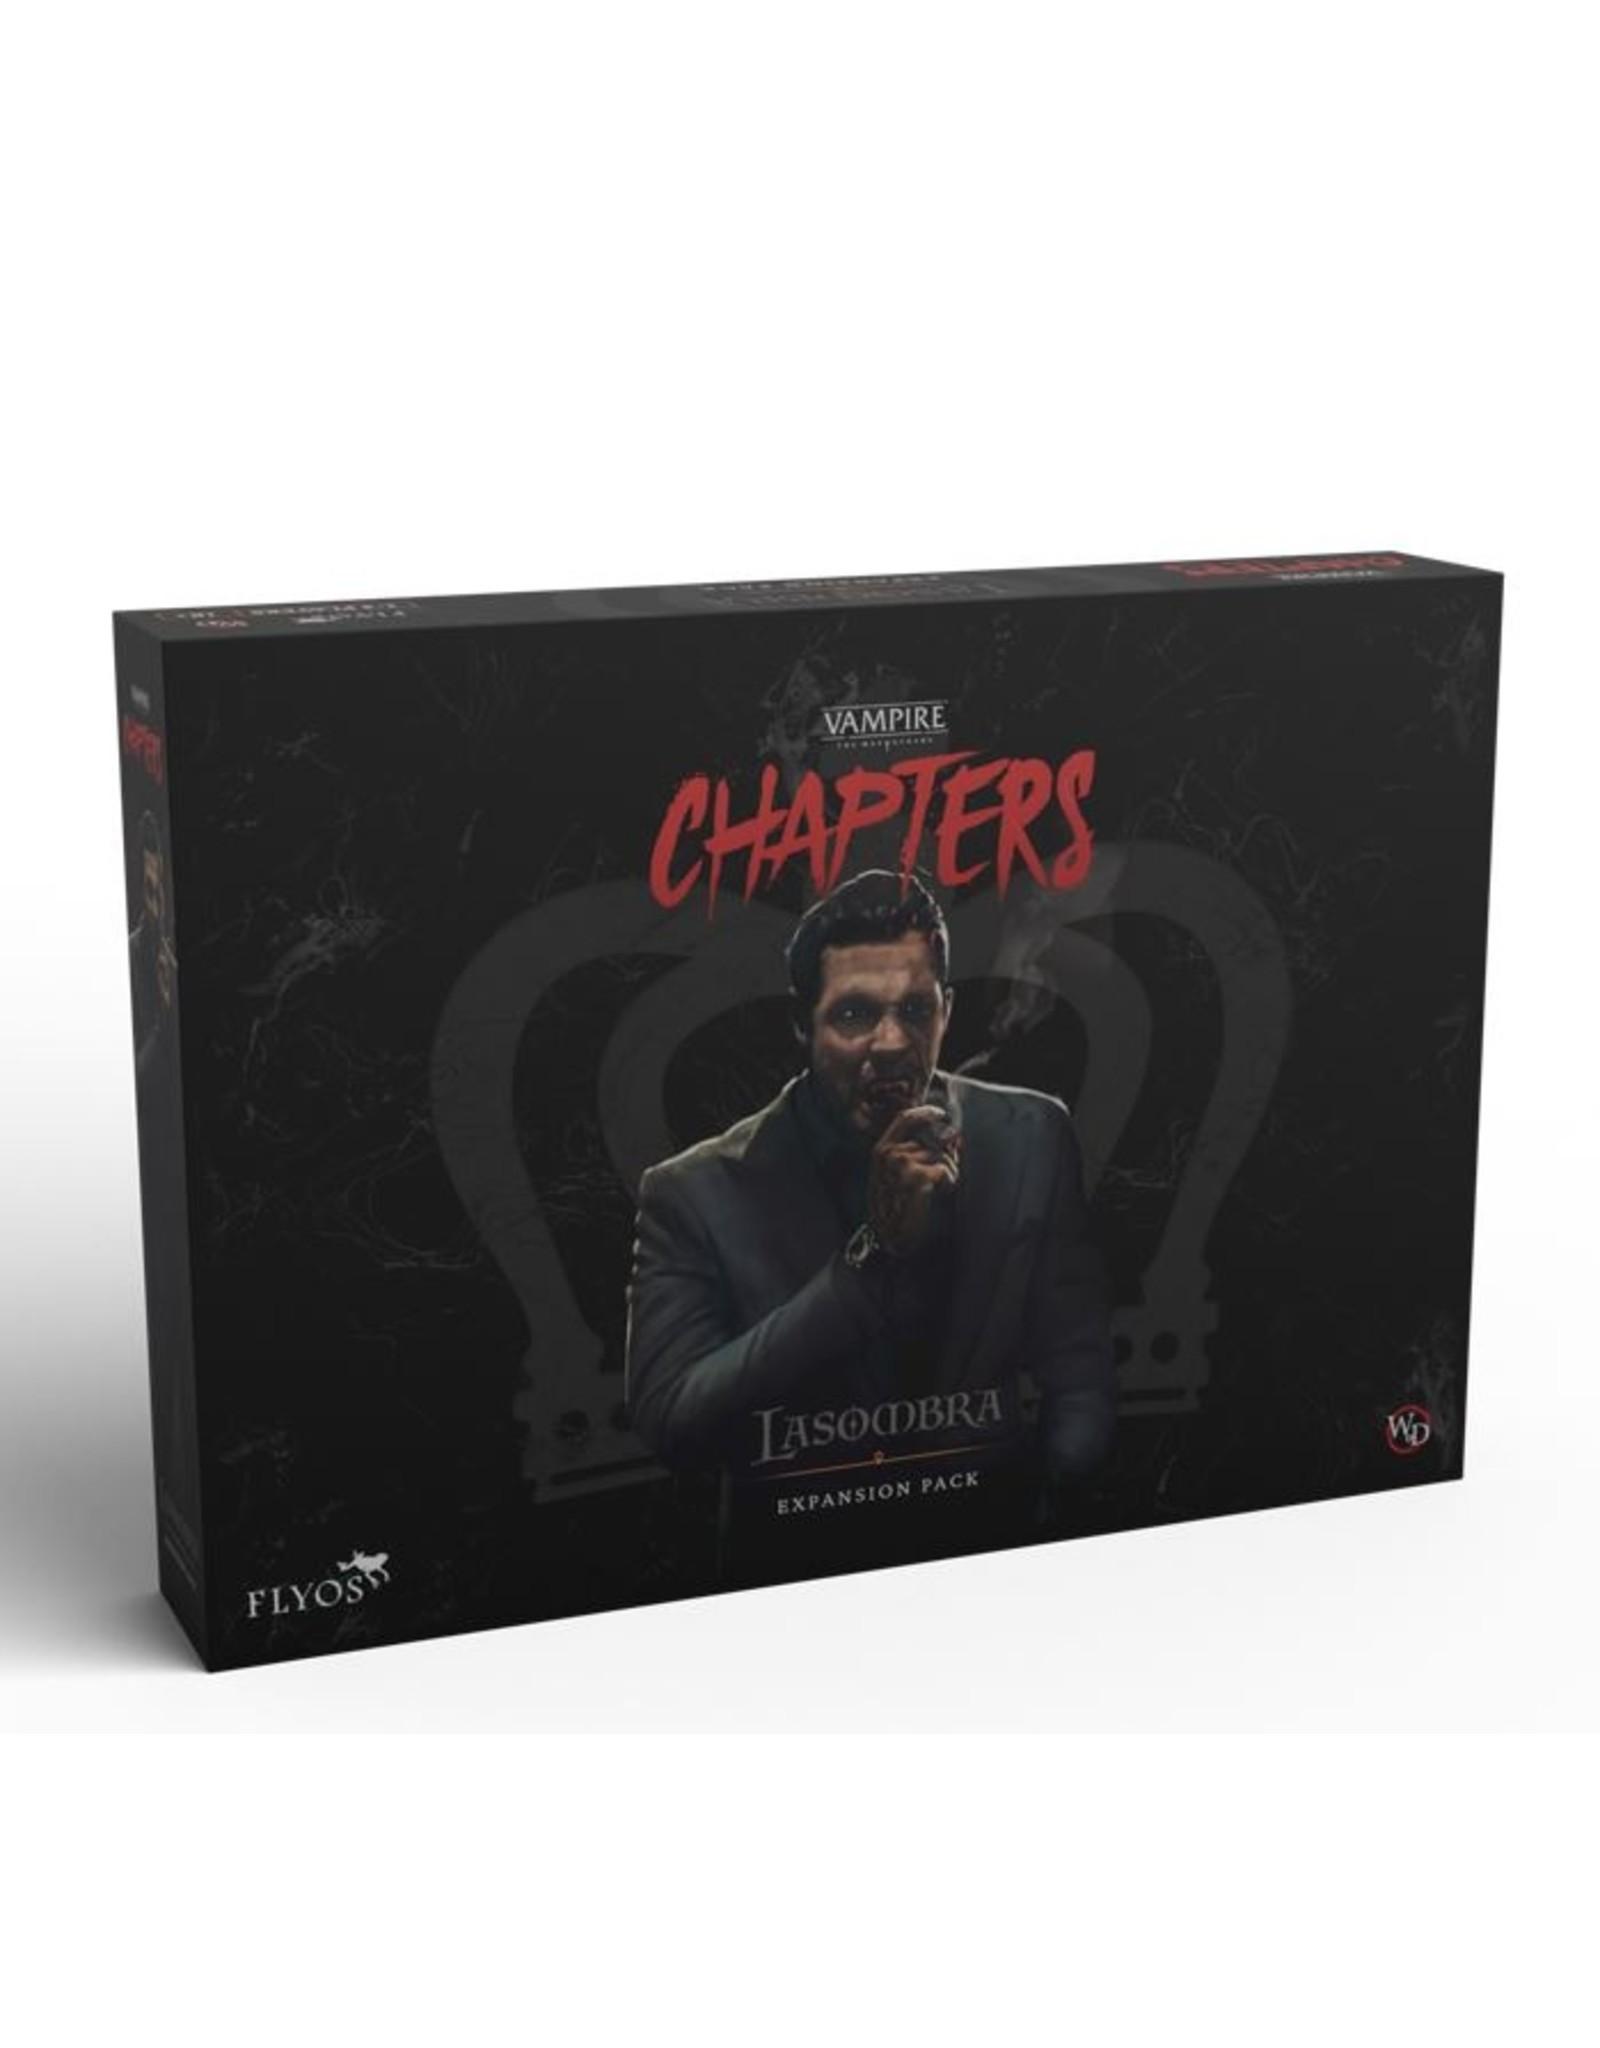 Flyos Vampire the Masquerade: Chapters: Lasombra The Survivor (Pre Order) (May 2022)